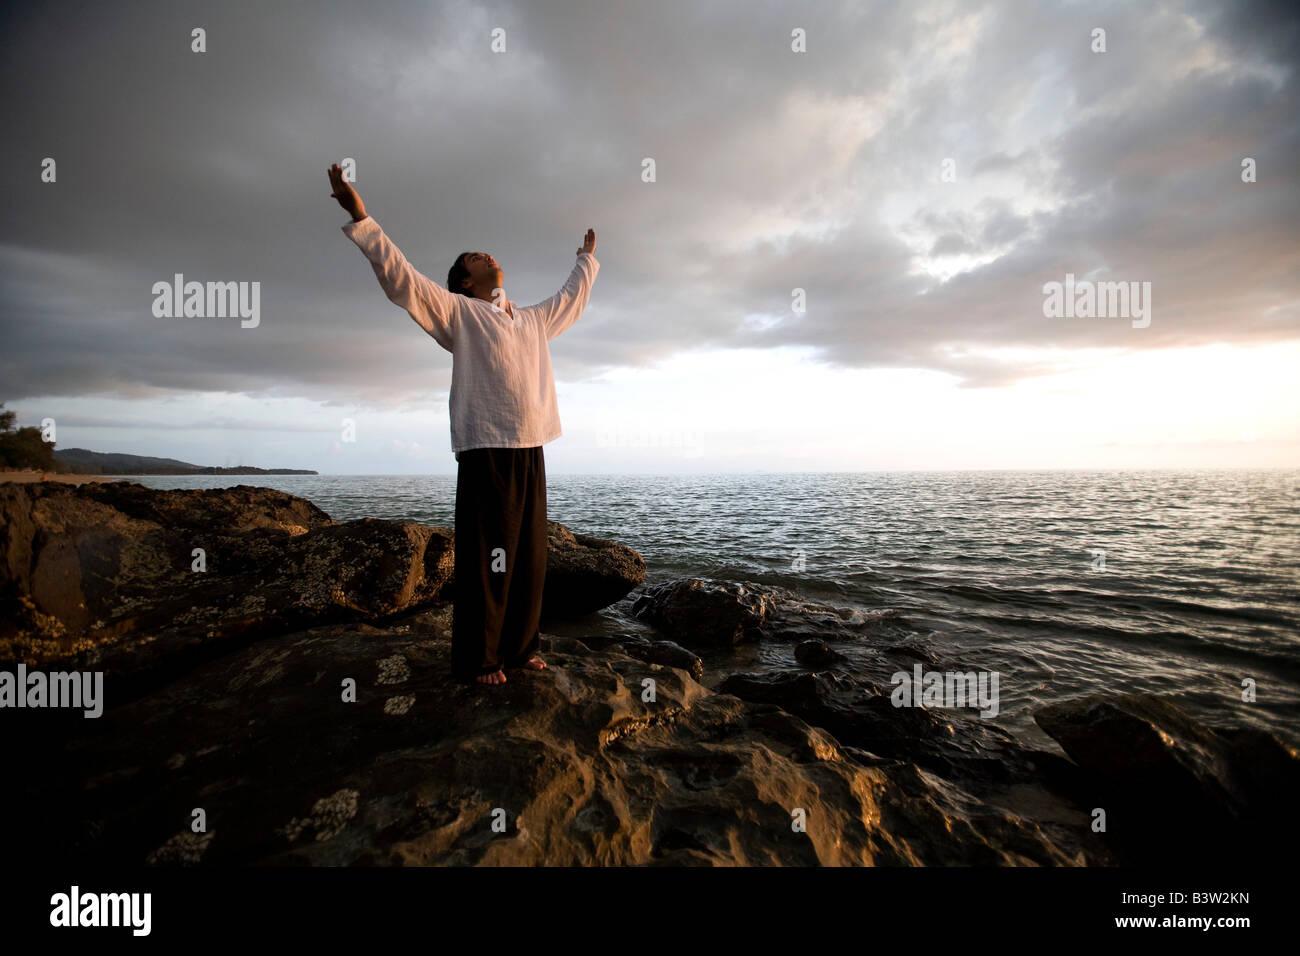 Una persona con los brazos levantados en una playa al atardecer, Koh Lanta, Tailandia, Asia Imagen De Stock